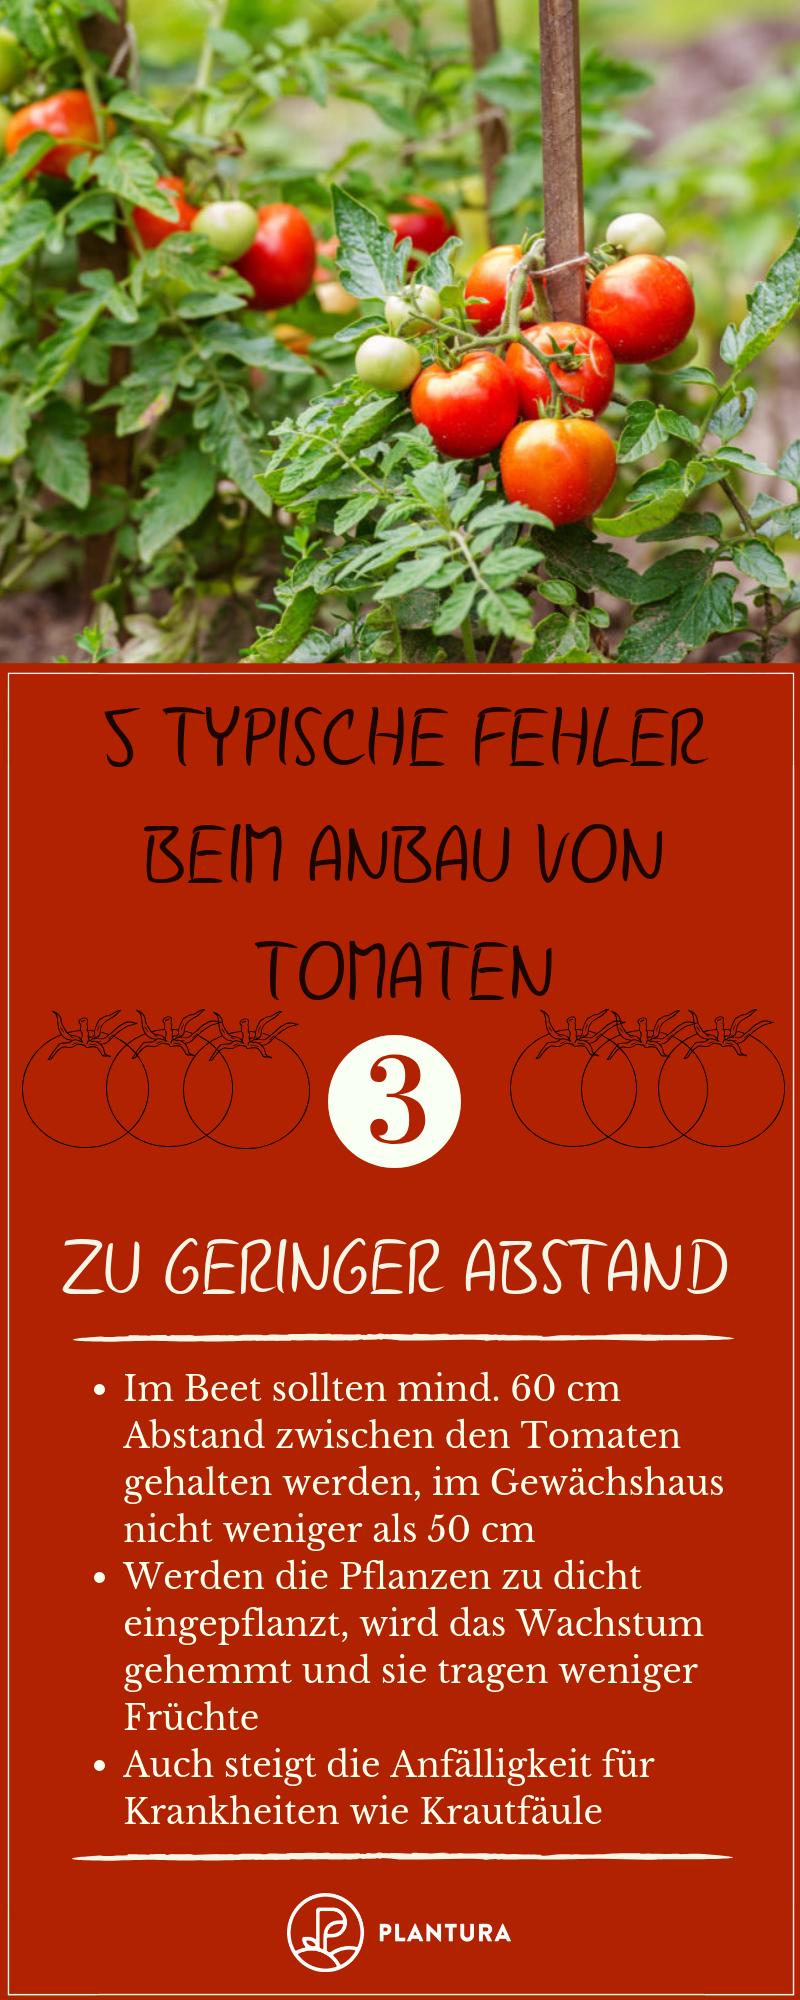 5 typische Fehler beim Anbau von Tomaten #tomatenpflanzen